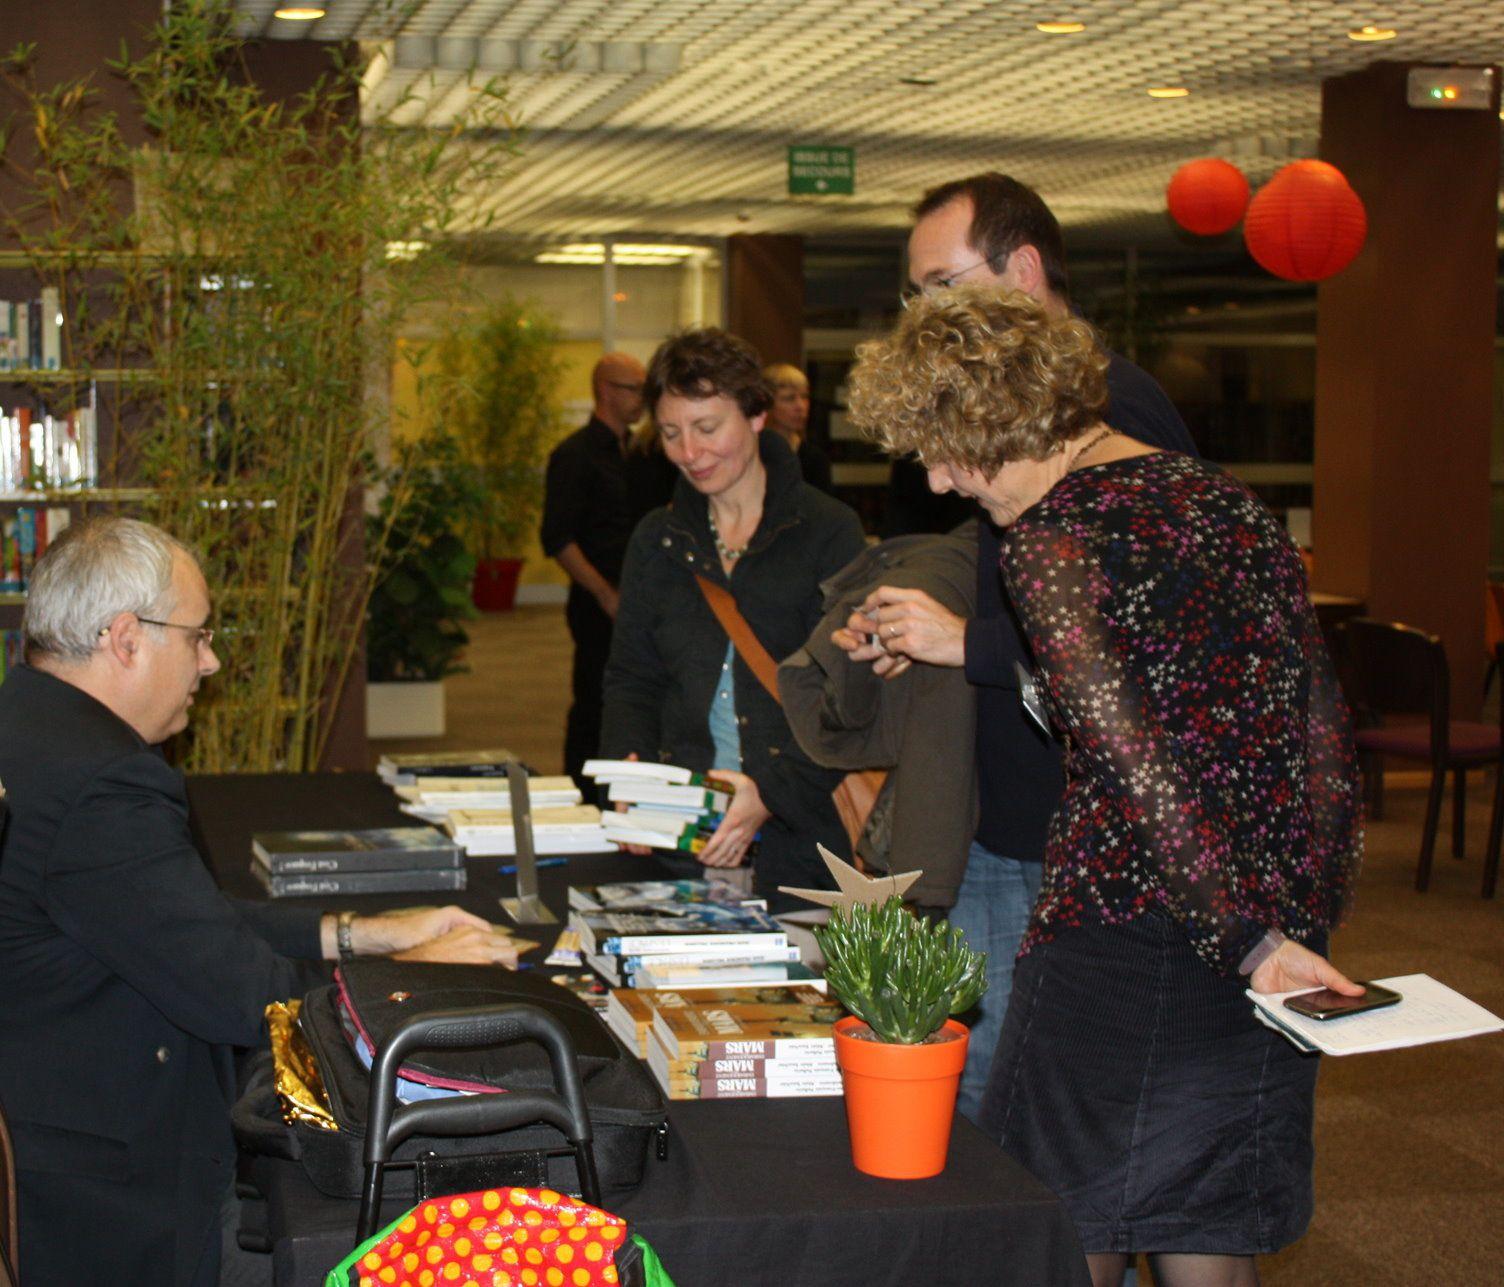 Succès de 'TOUT MULHOUSE LIT 2013', la treizième édition du Salon du Livre de Mulhouse, avec la présence de Jean-François PELLERIN et de Gérard Azoulay